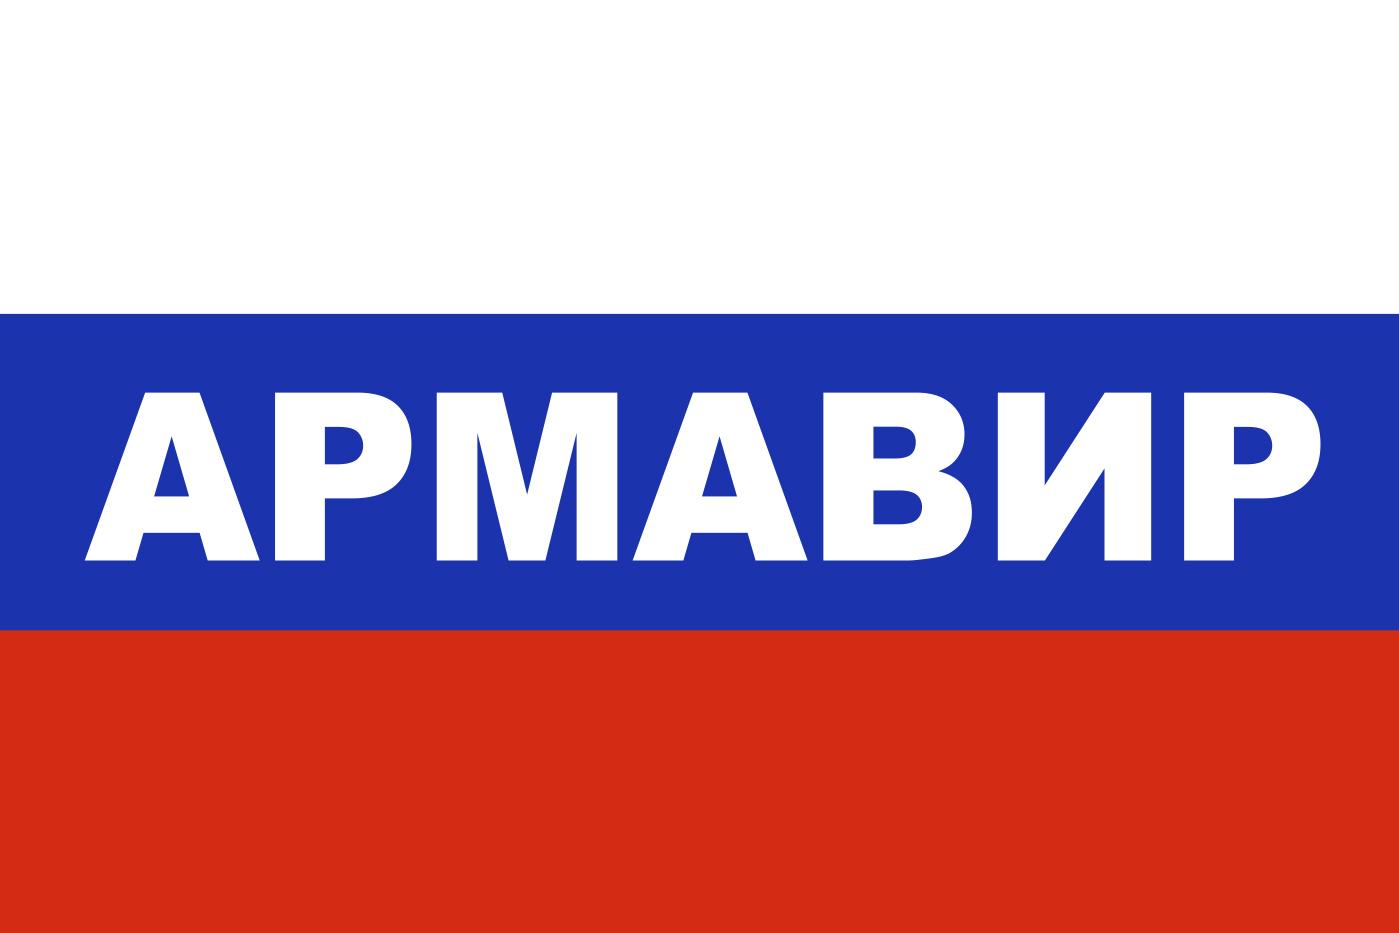 Флаг триколор Армавир